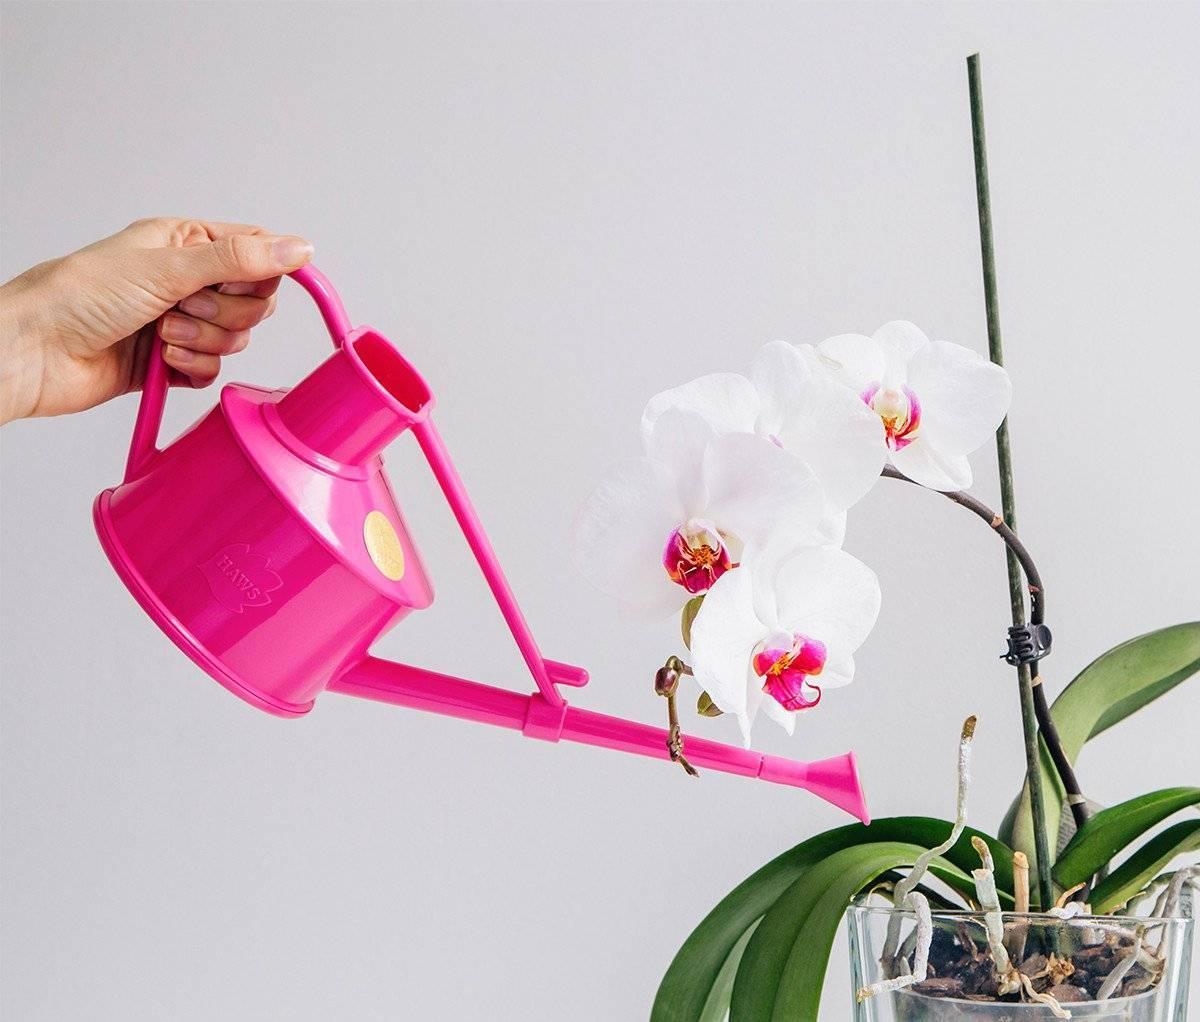 Как правильно поливать фаленопсис в домашних условиях, сколько миллилитров?